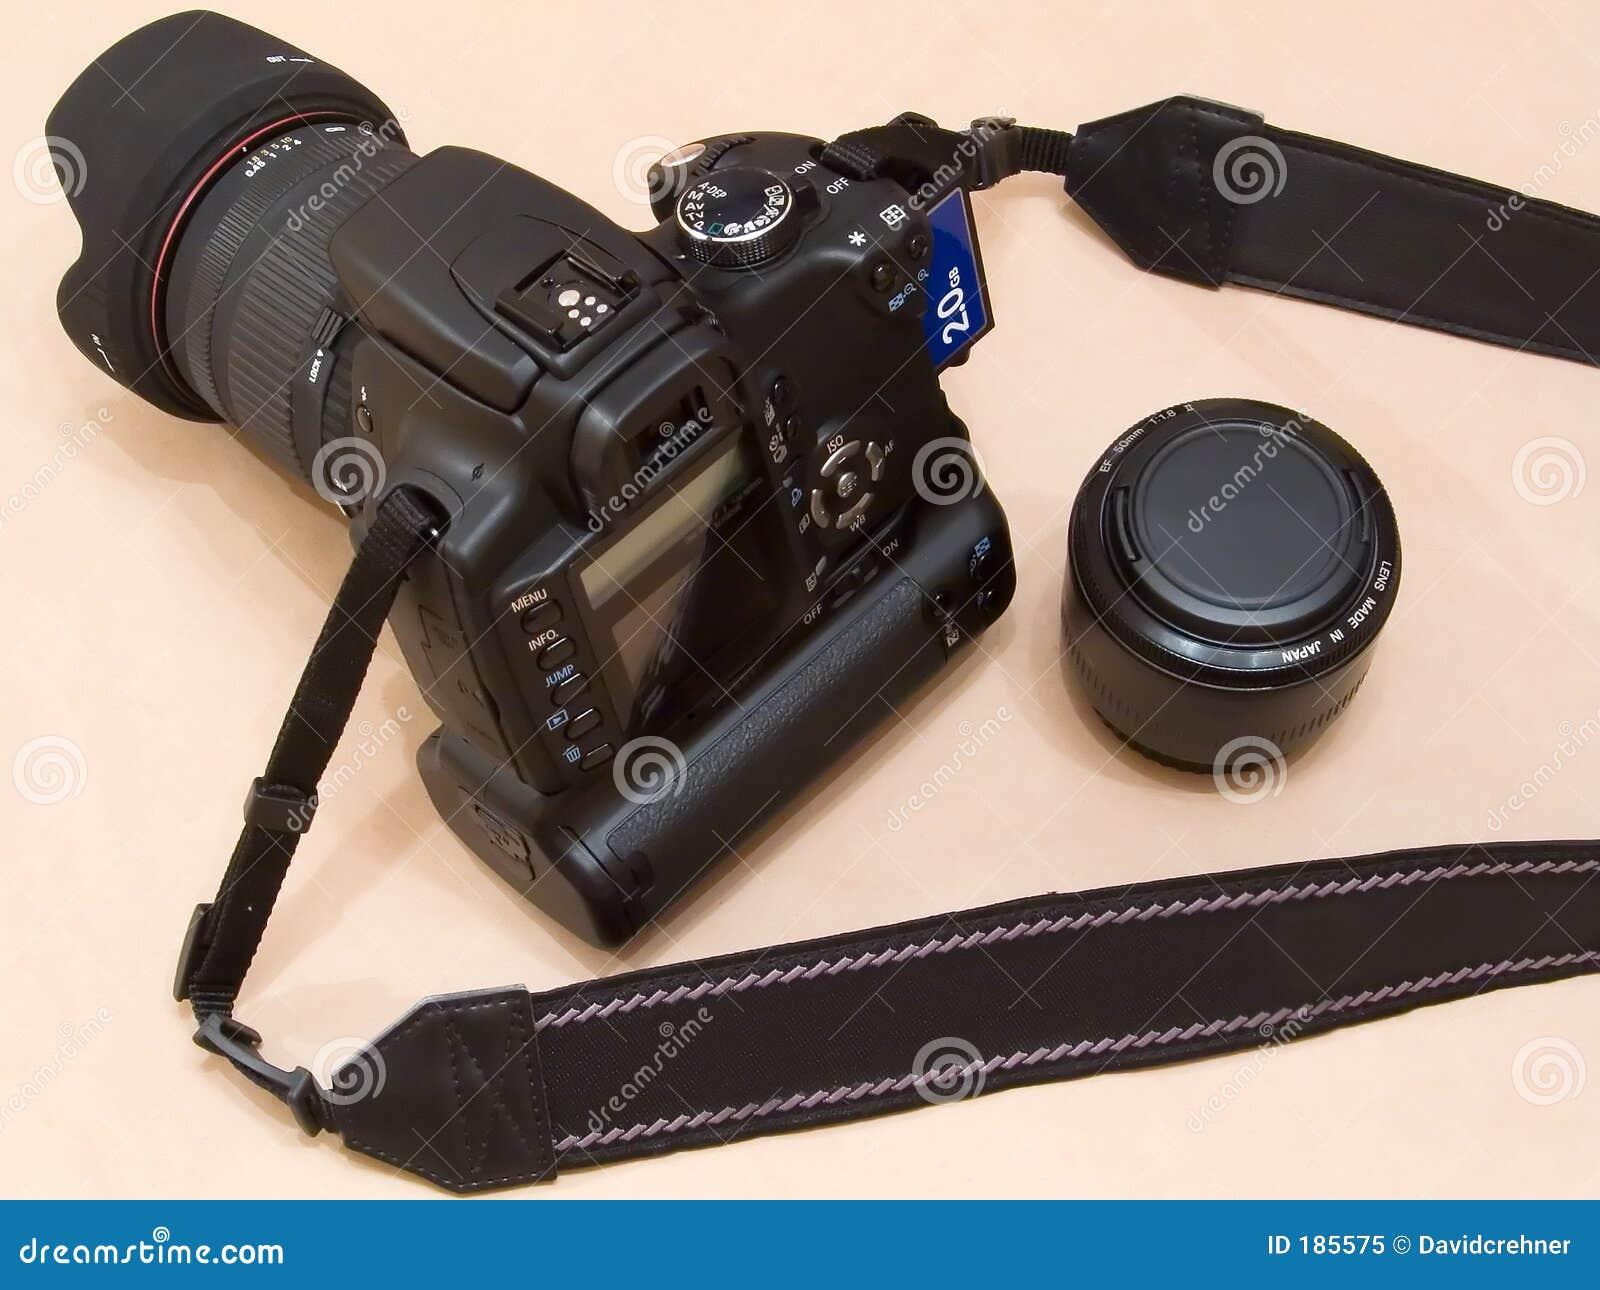 Canon DSLR Video Camera Digital rebel dSLR camera